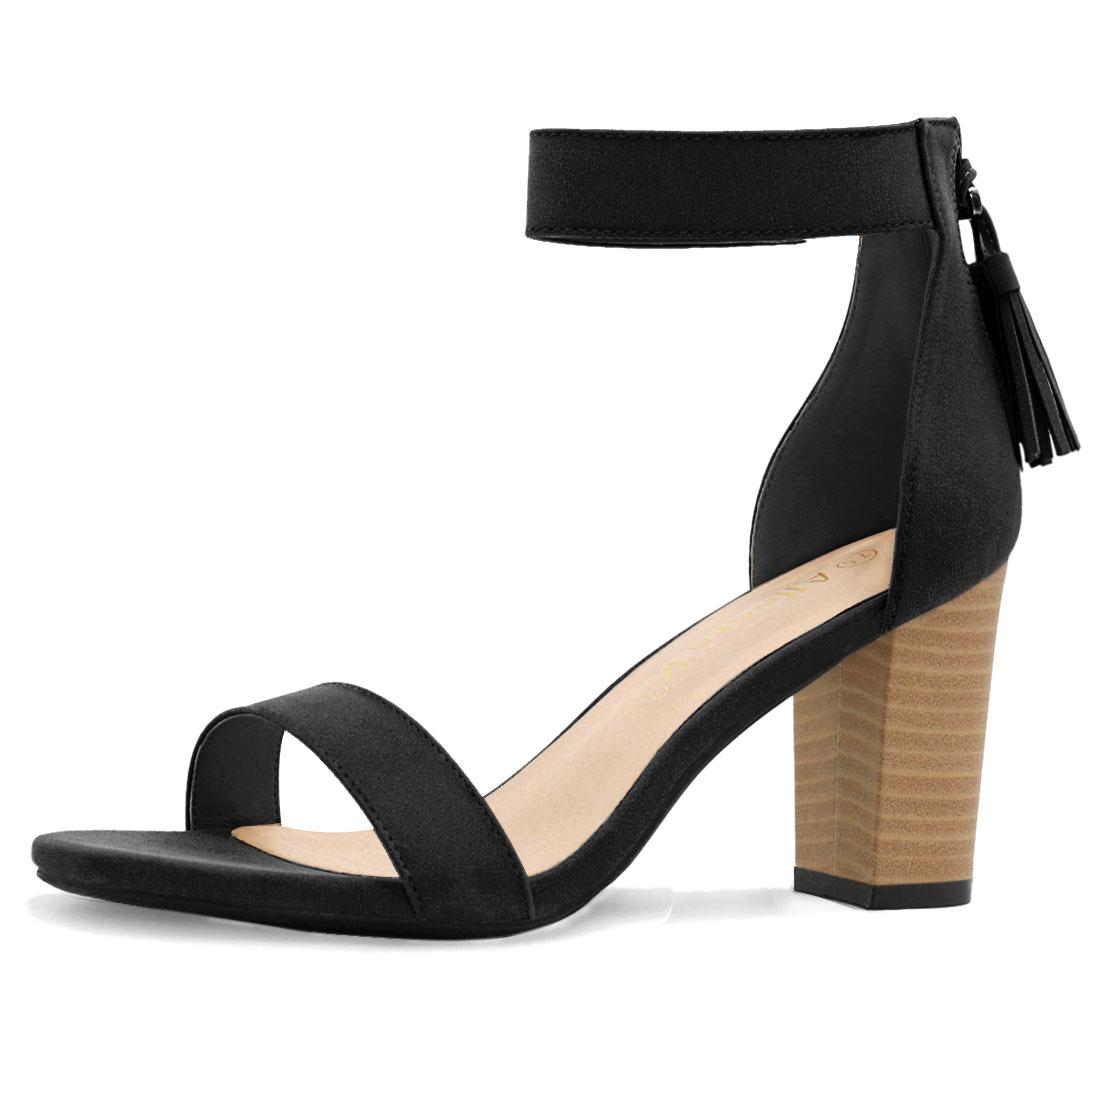 Women Open Toe Tassel Stacked Heel Ankle Strap Sandals Black US 5.5